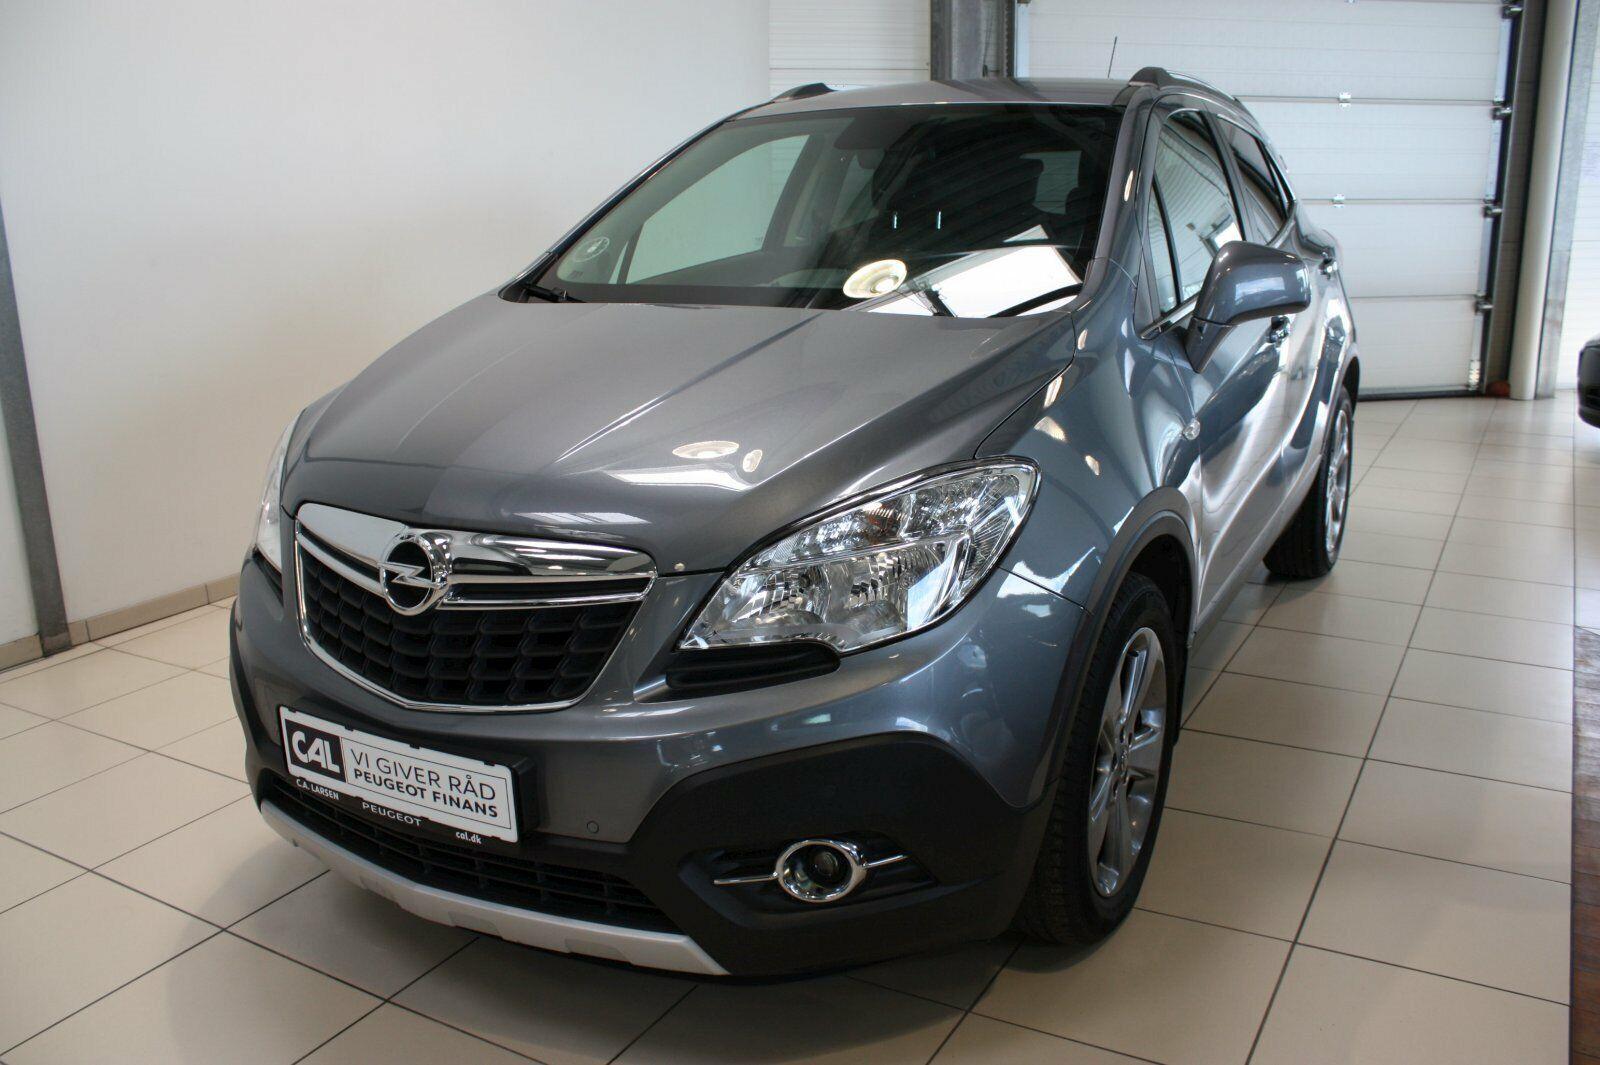 Opel Mokka 1,7 CDTi 130 Cosmo eco 5d - 129.900 kr.